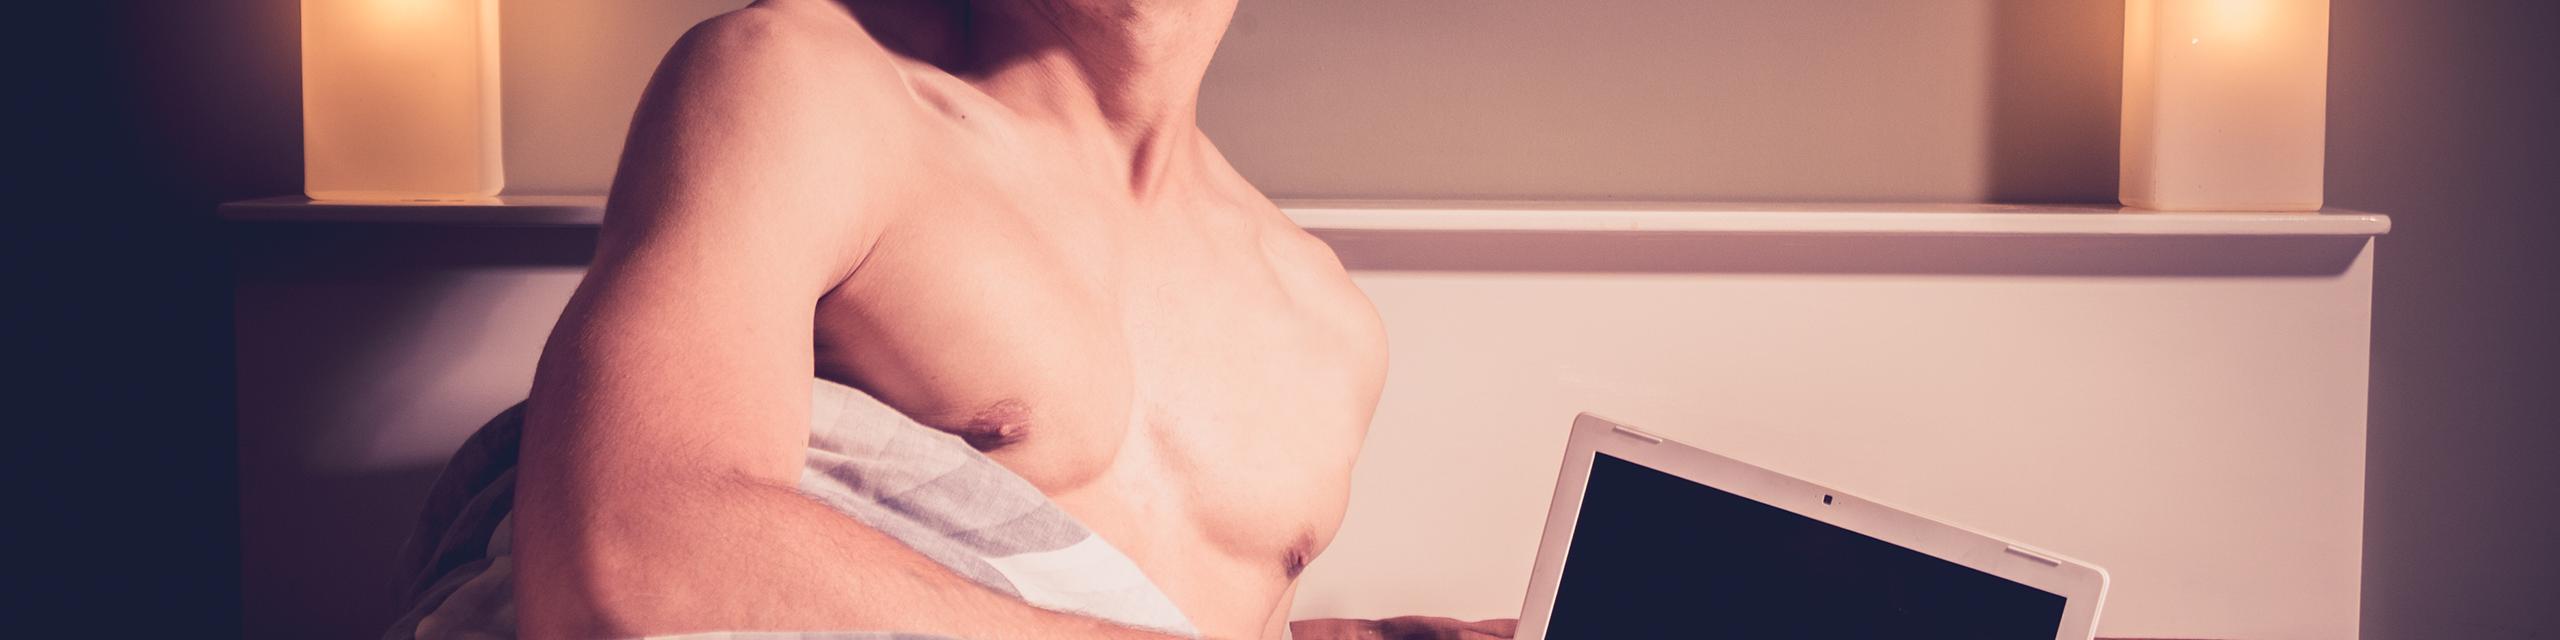 Kan porno kijken binnen een relatie?